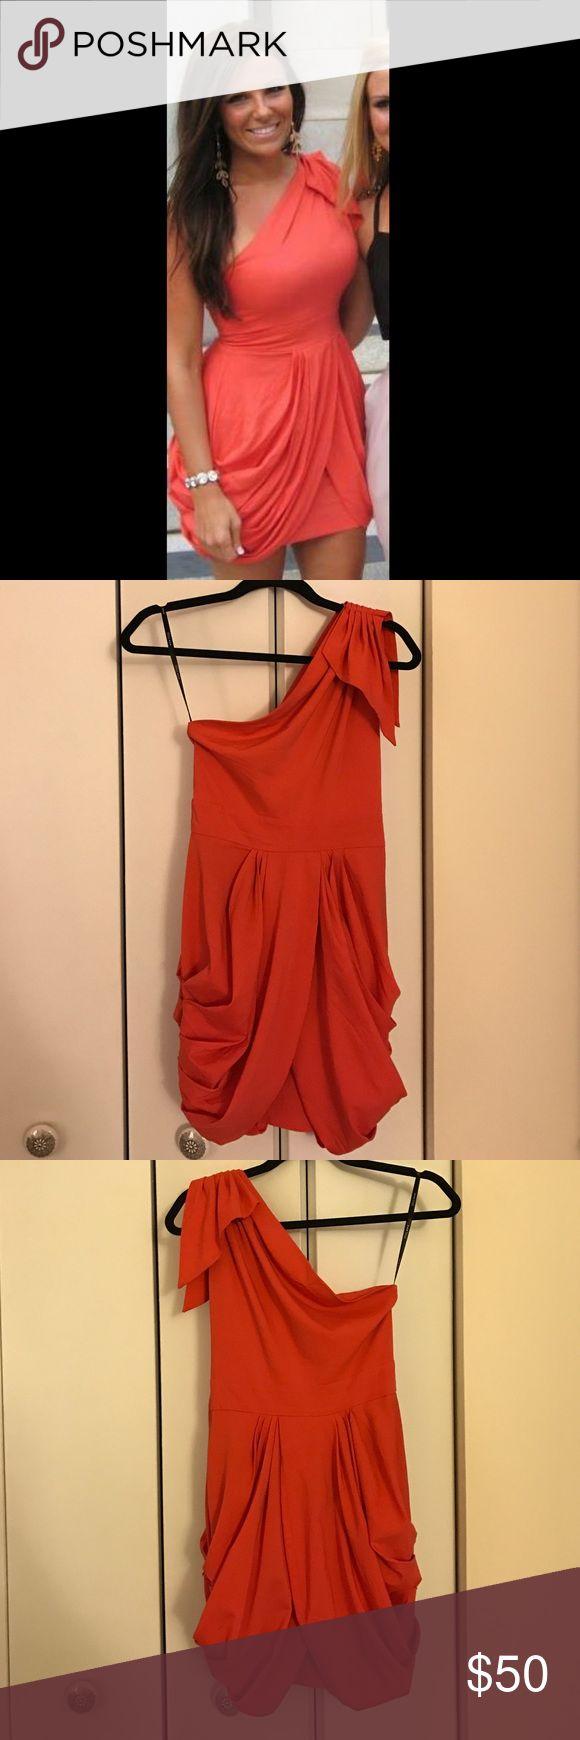 One strap orange dress I have never gotten more compliments on a dress! Great for a spring/summer/destination wedding guest dress! ASOS Dresses One Shoulder